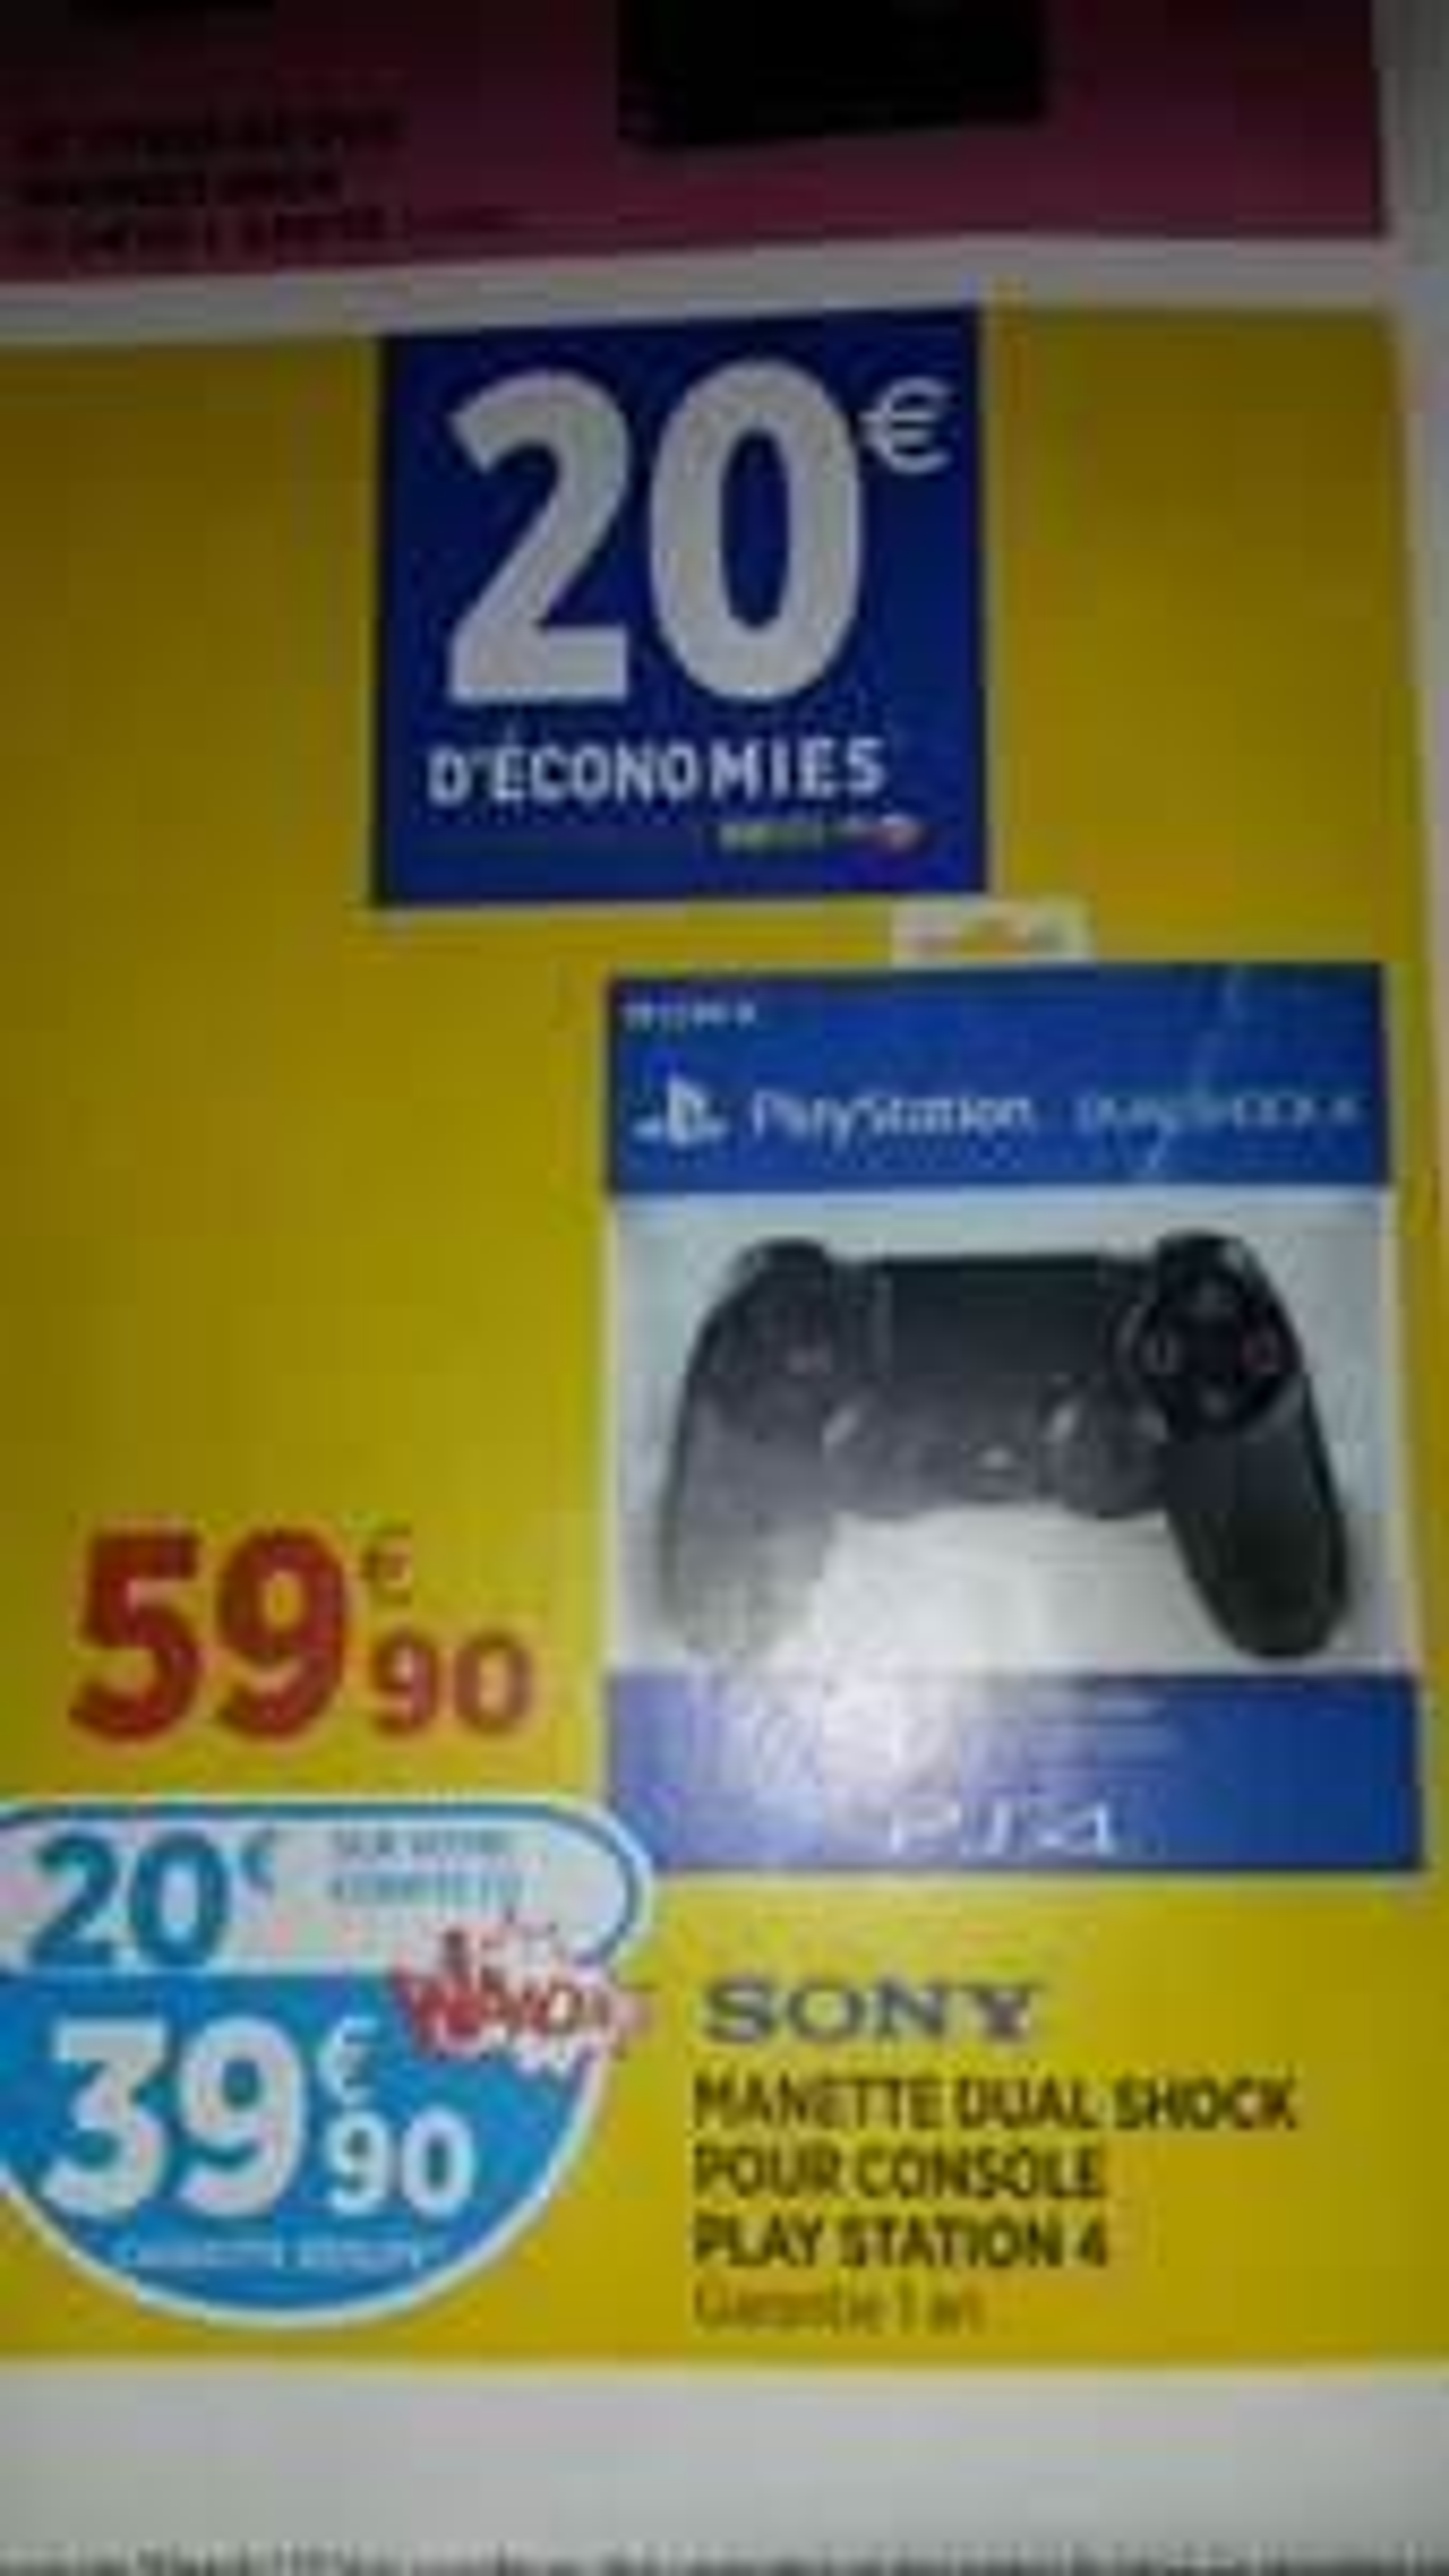 Manette Dualshock PS4 (59.90 en caisse avec 20€ sur la carte fidélité)